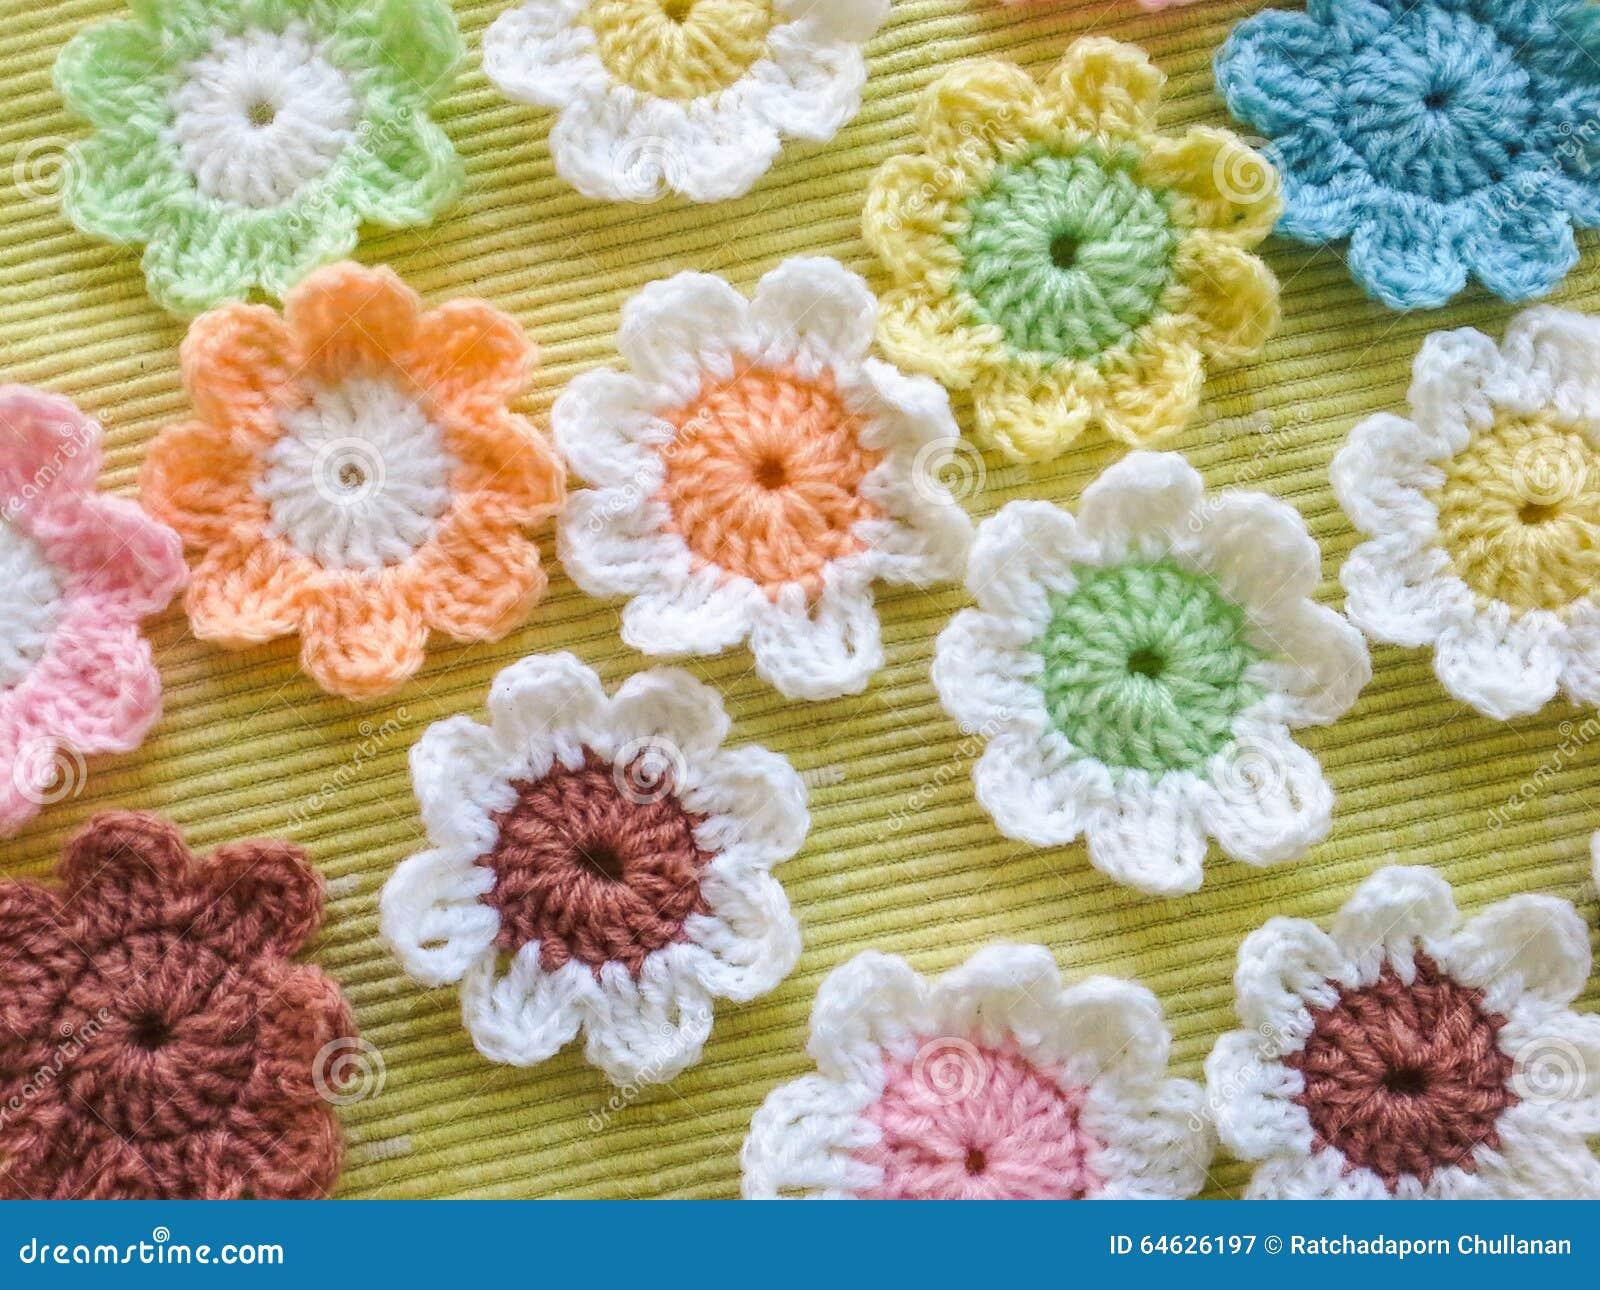 Excepcional Las Pautas De Las Flores De Ganchillo Ilustracin